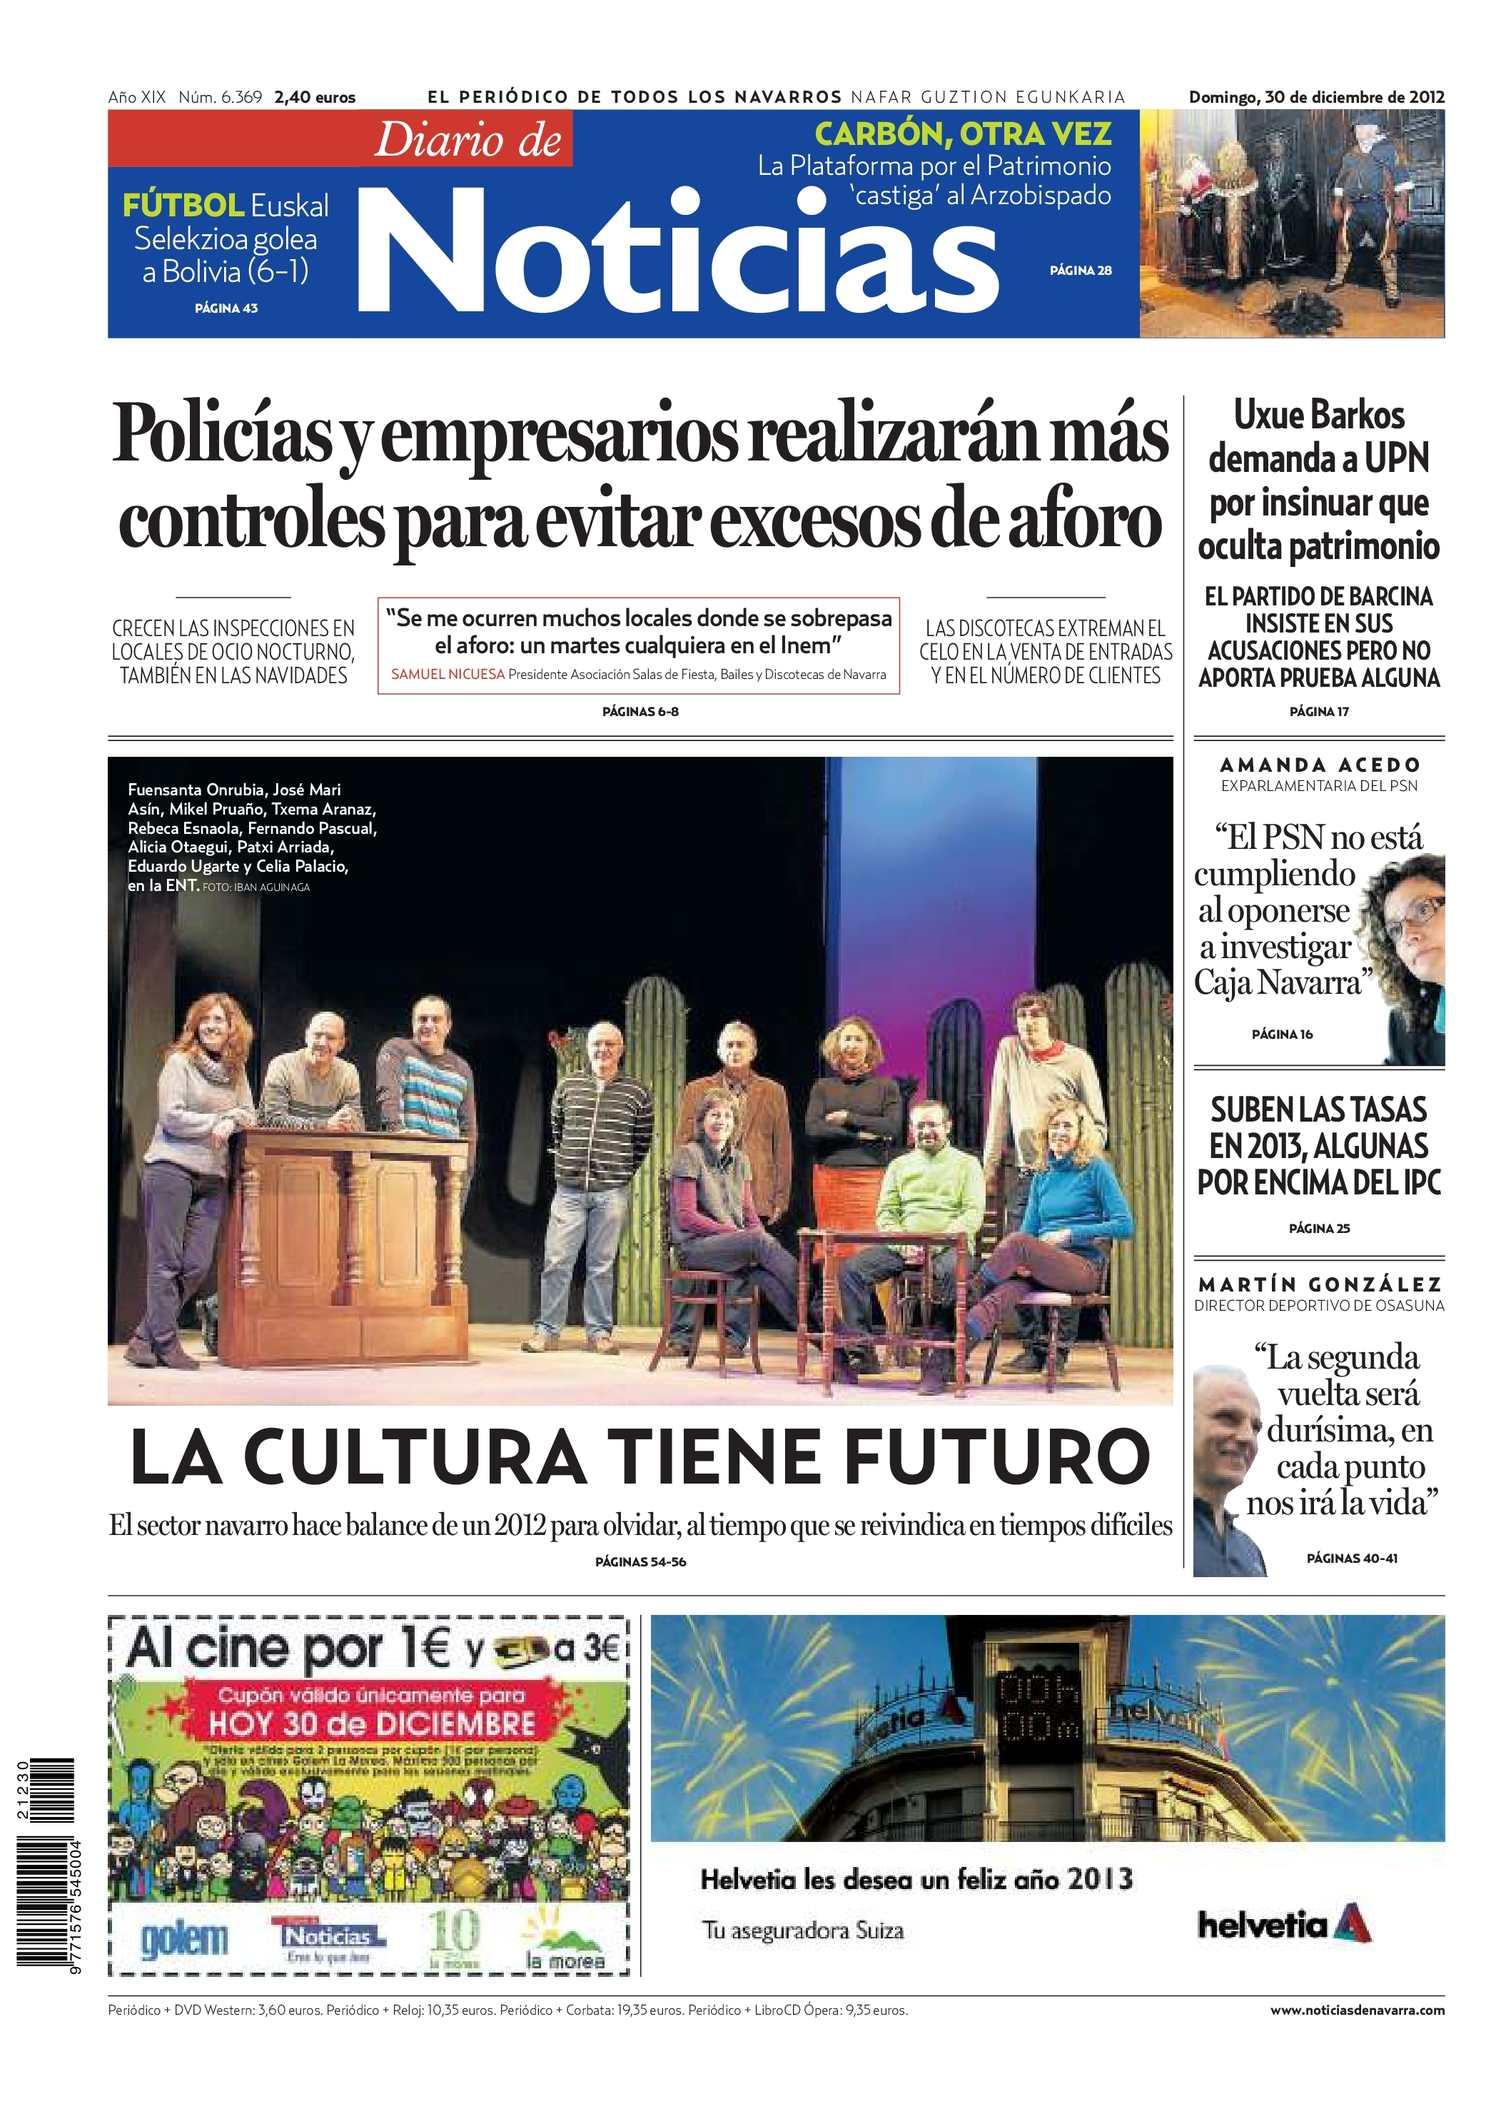 Calaméo Noticias Calaméo De Diario 20121230 rhCtdQsx